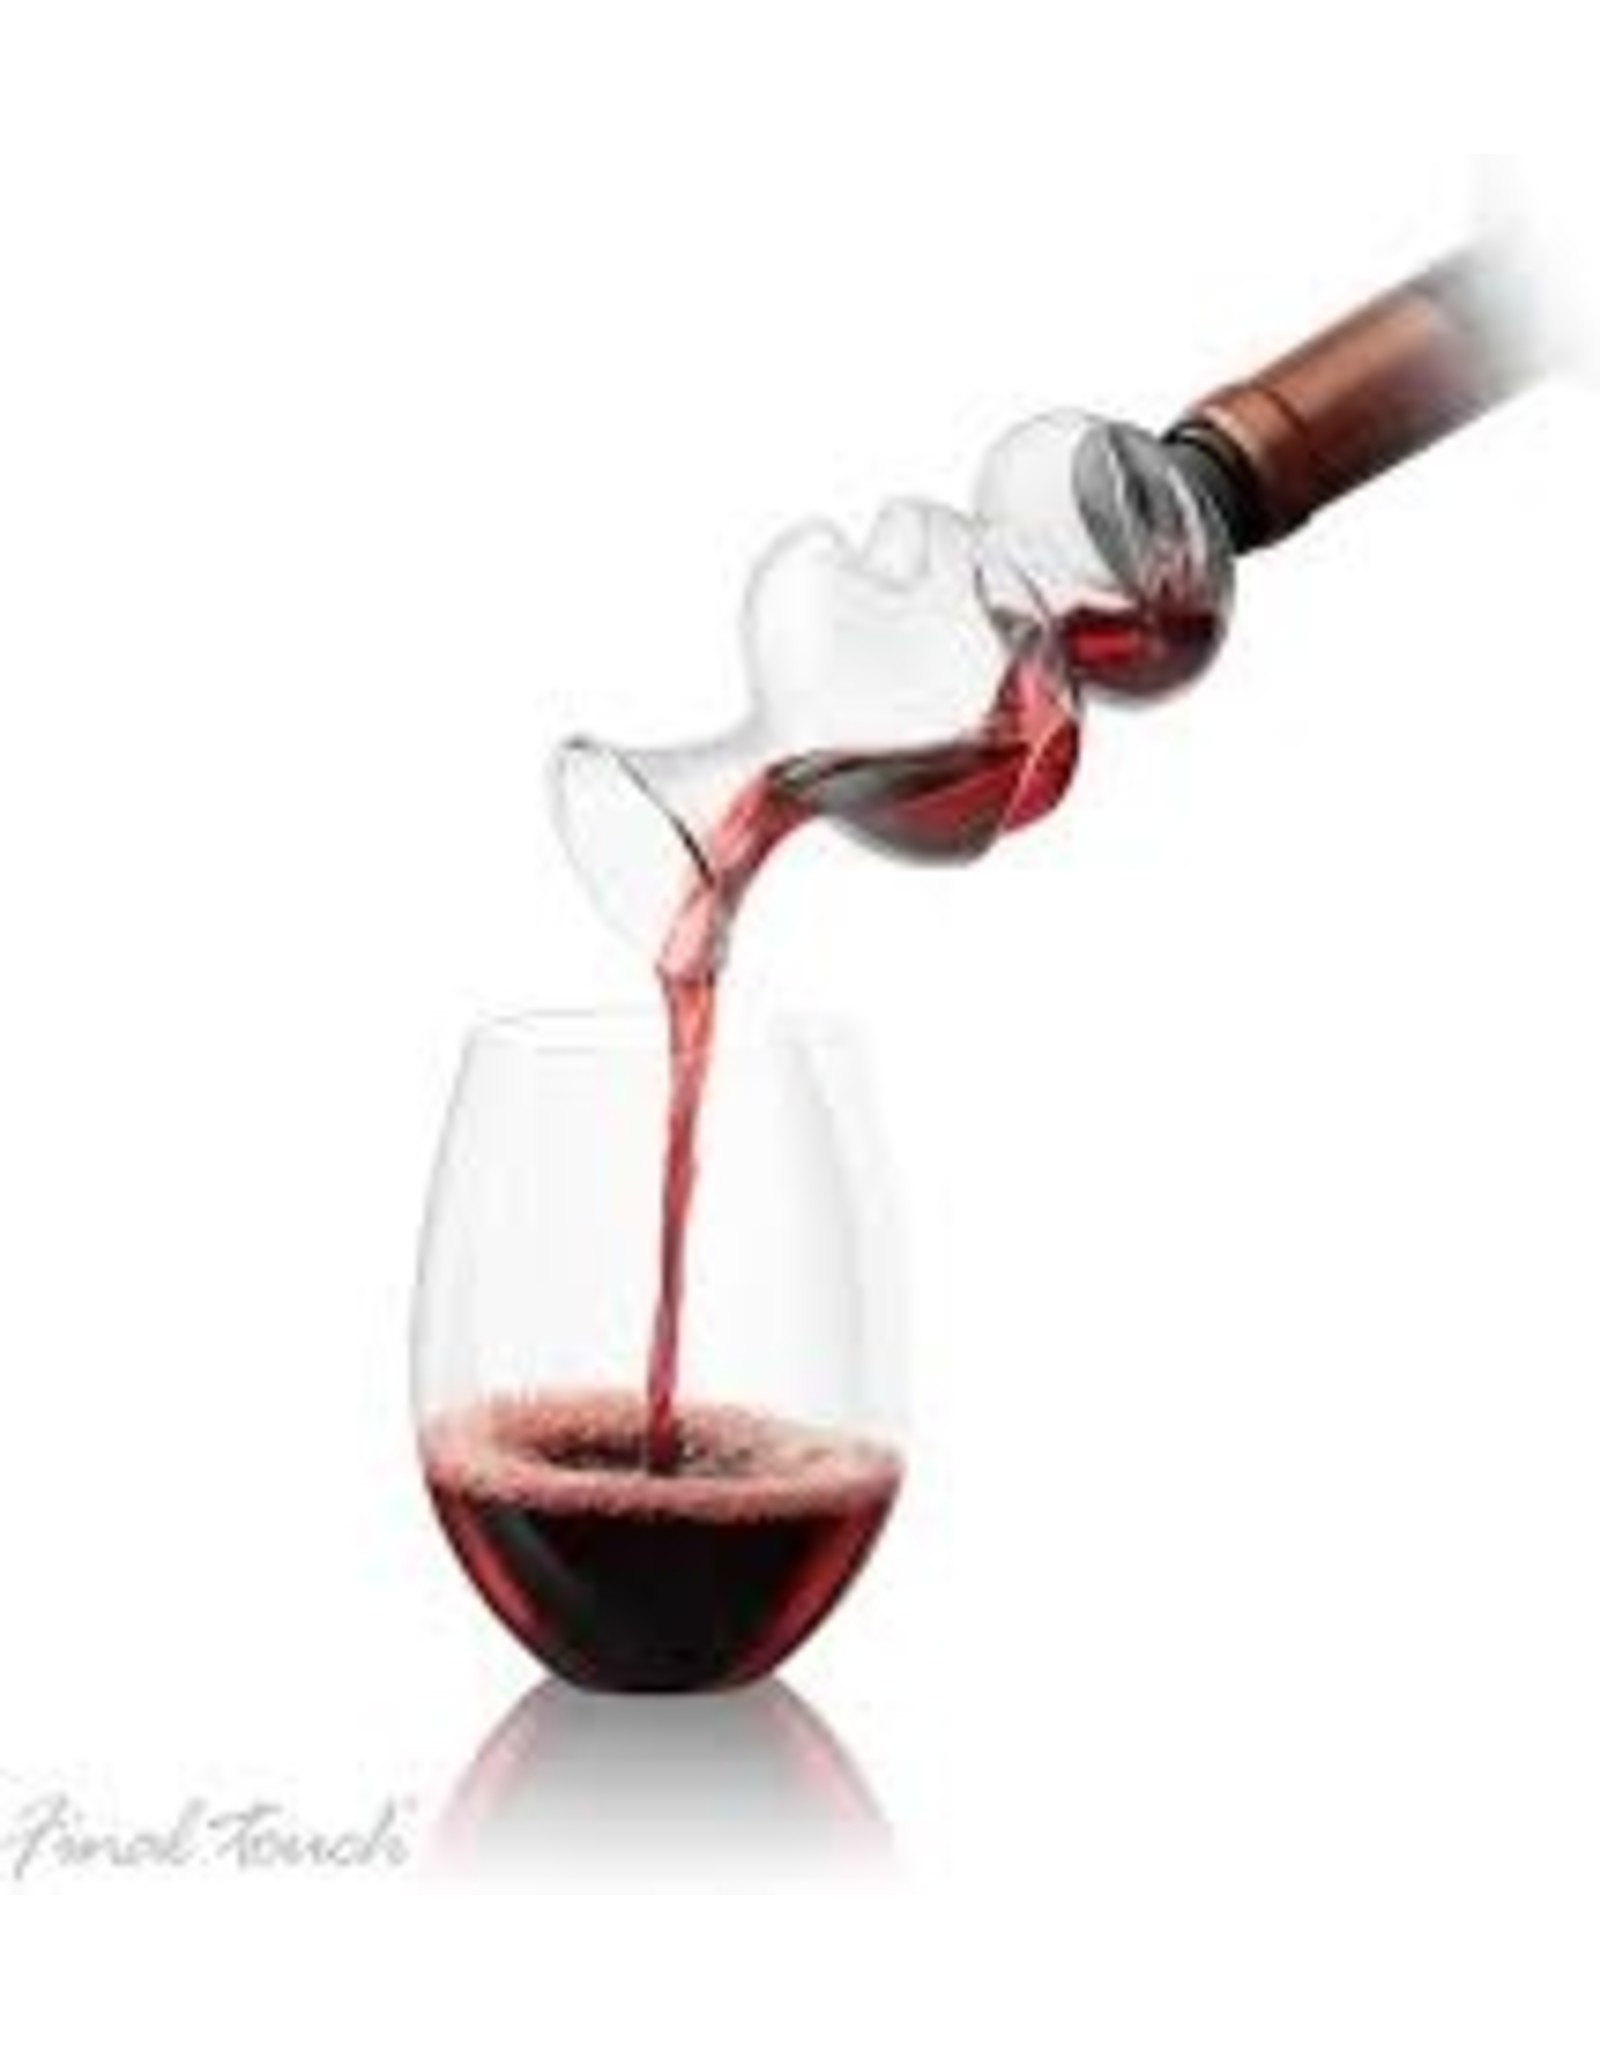 FT Conundrum Wine Aerator